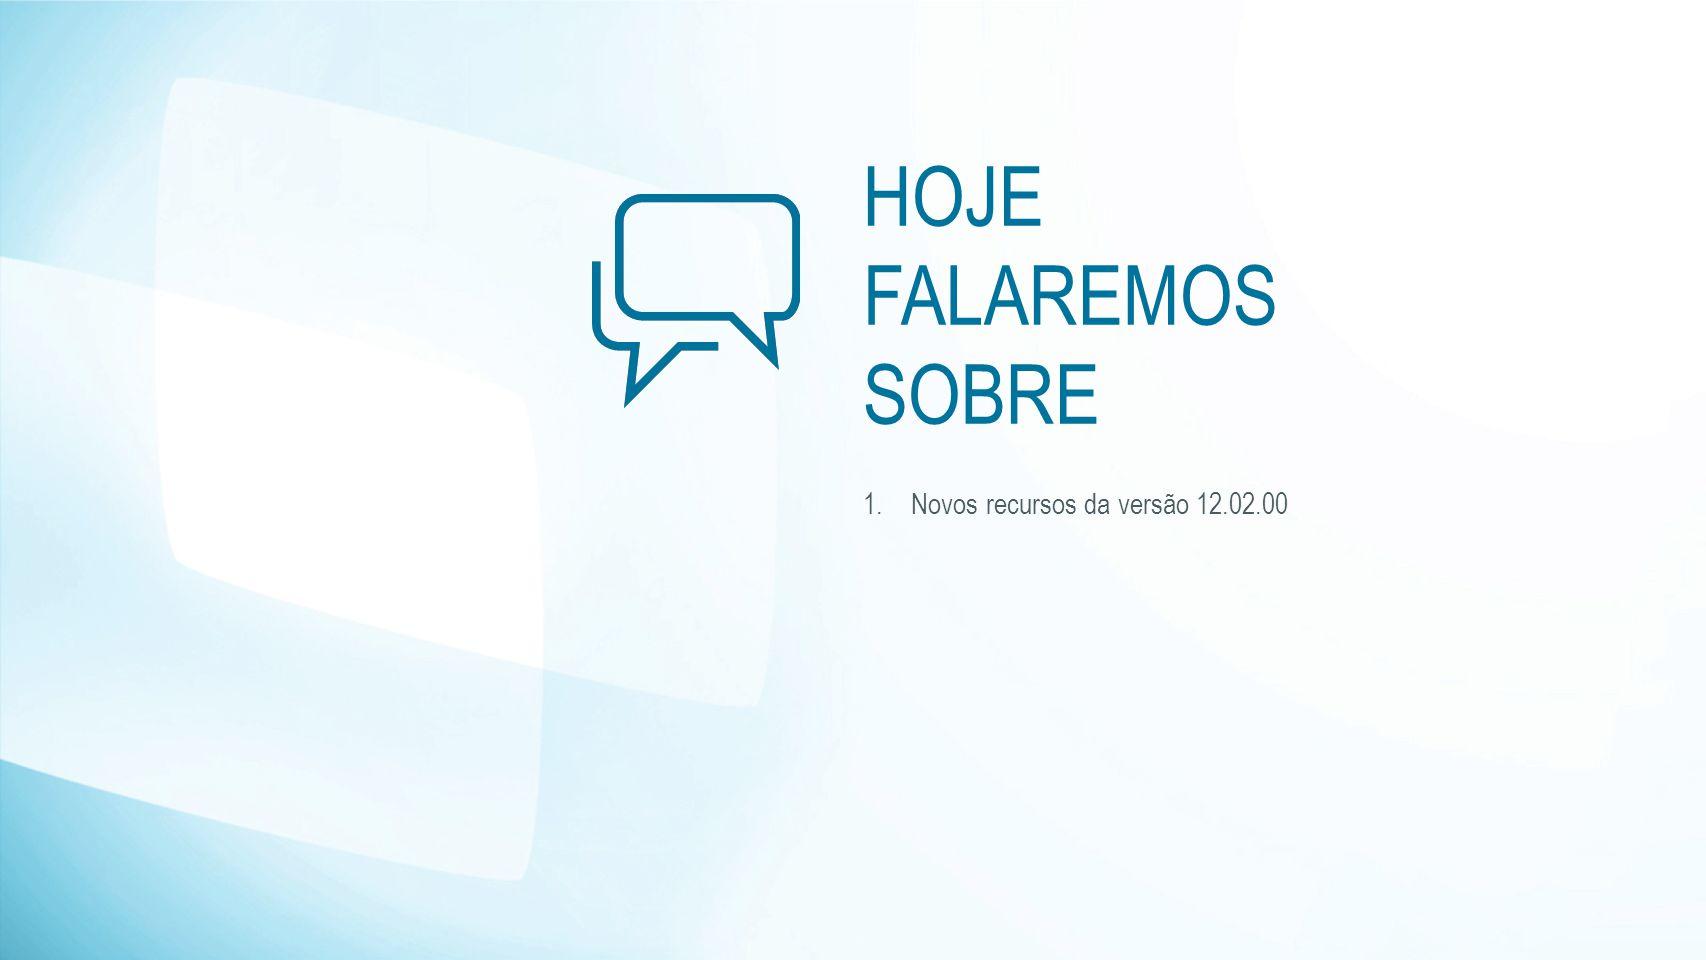 HOJE FALAREMOS SOBRE 1.Novos recursos da versão 12.02.00